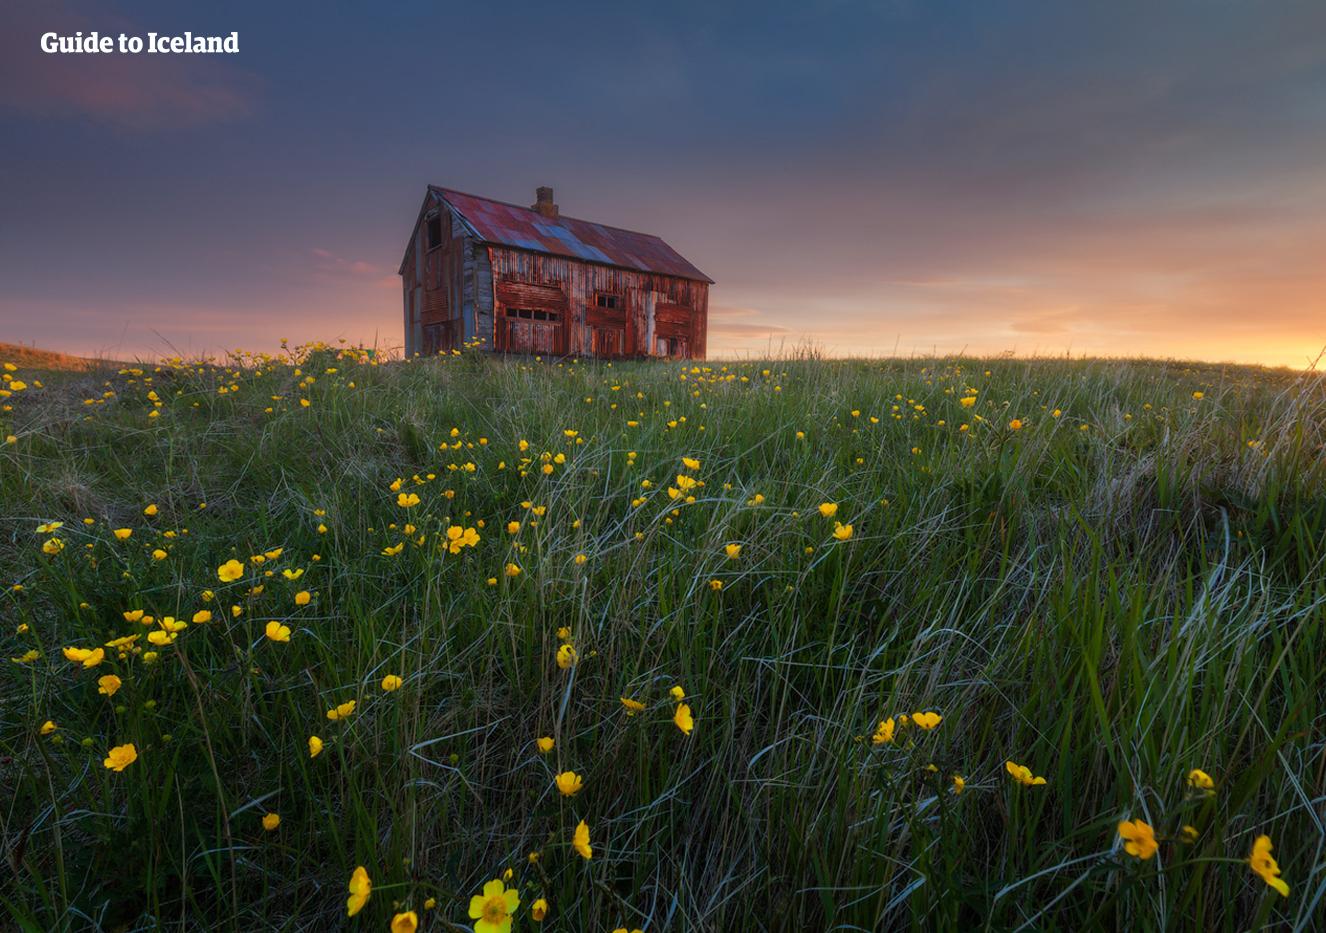 在这个冰岛6日自驾套餐中,您将领略雷克雅内斯半岛的自然奇观。